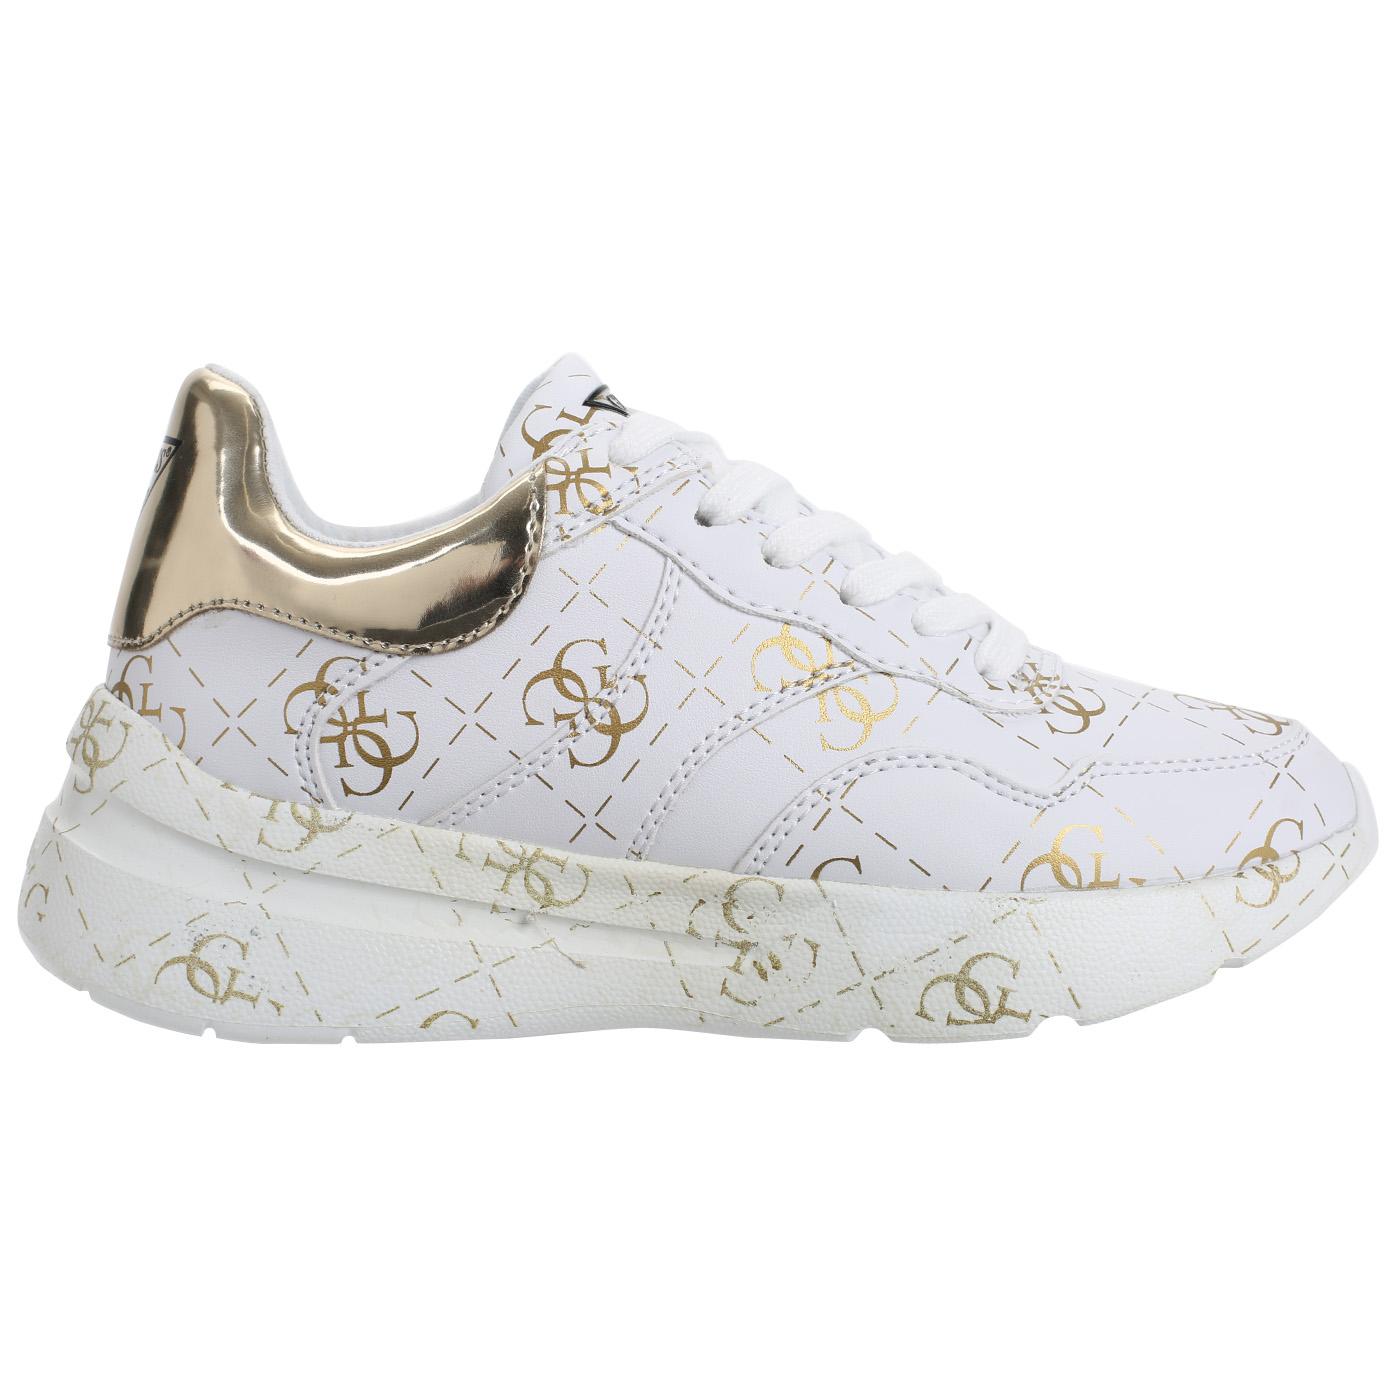 be6b57f48 Белые кроссовки на шнуровке Guess Mayla Белые кроссовки на шнуровке Guess  Mayla ...